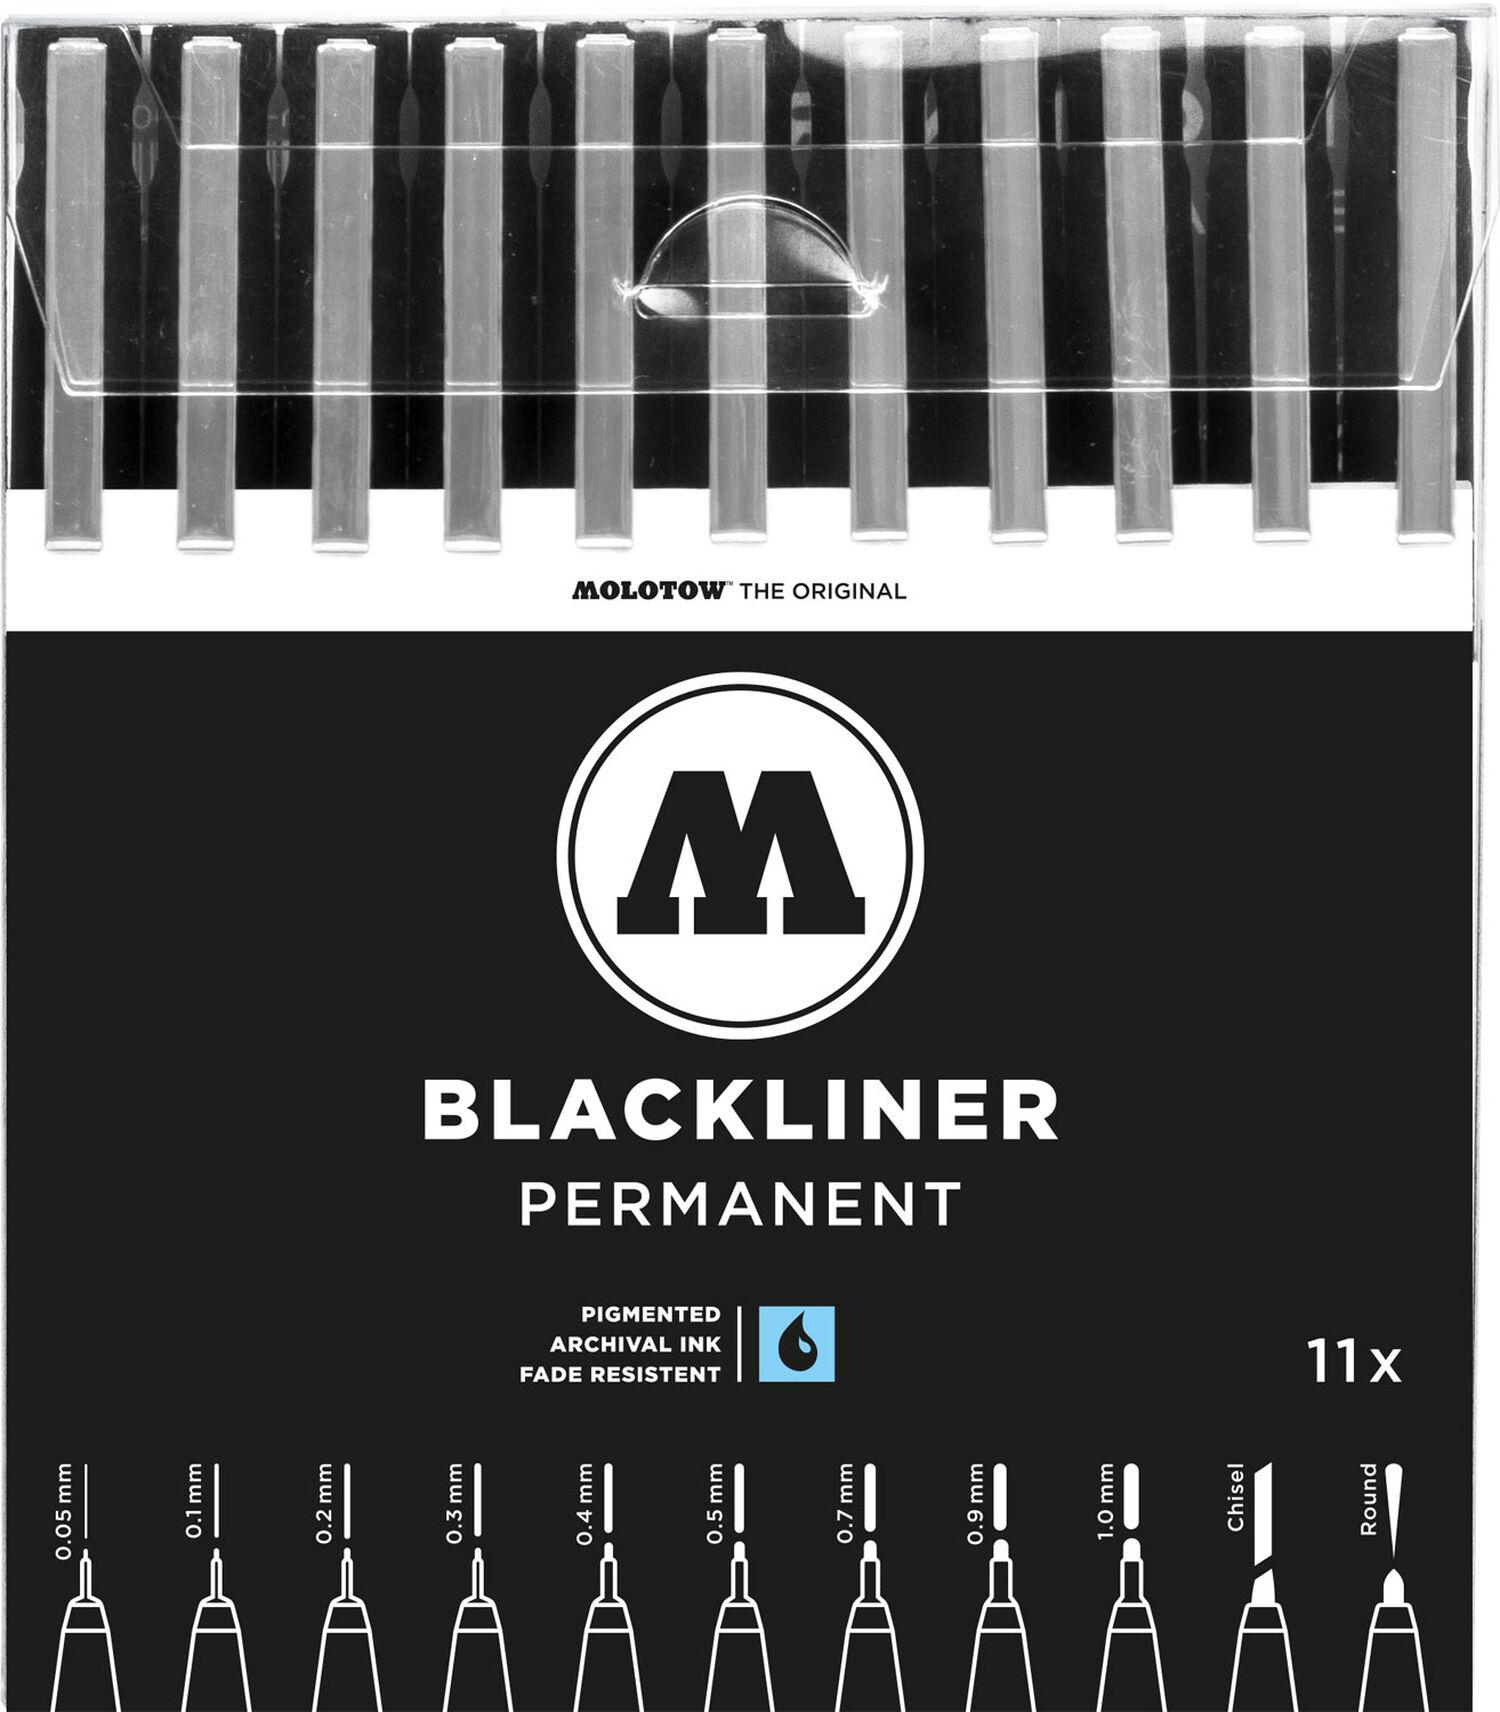 Blackliner